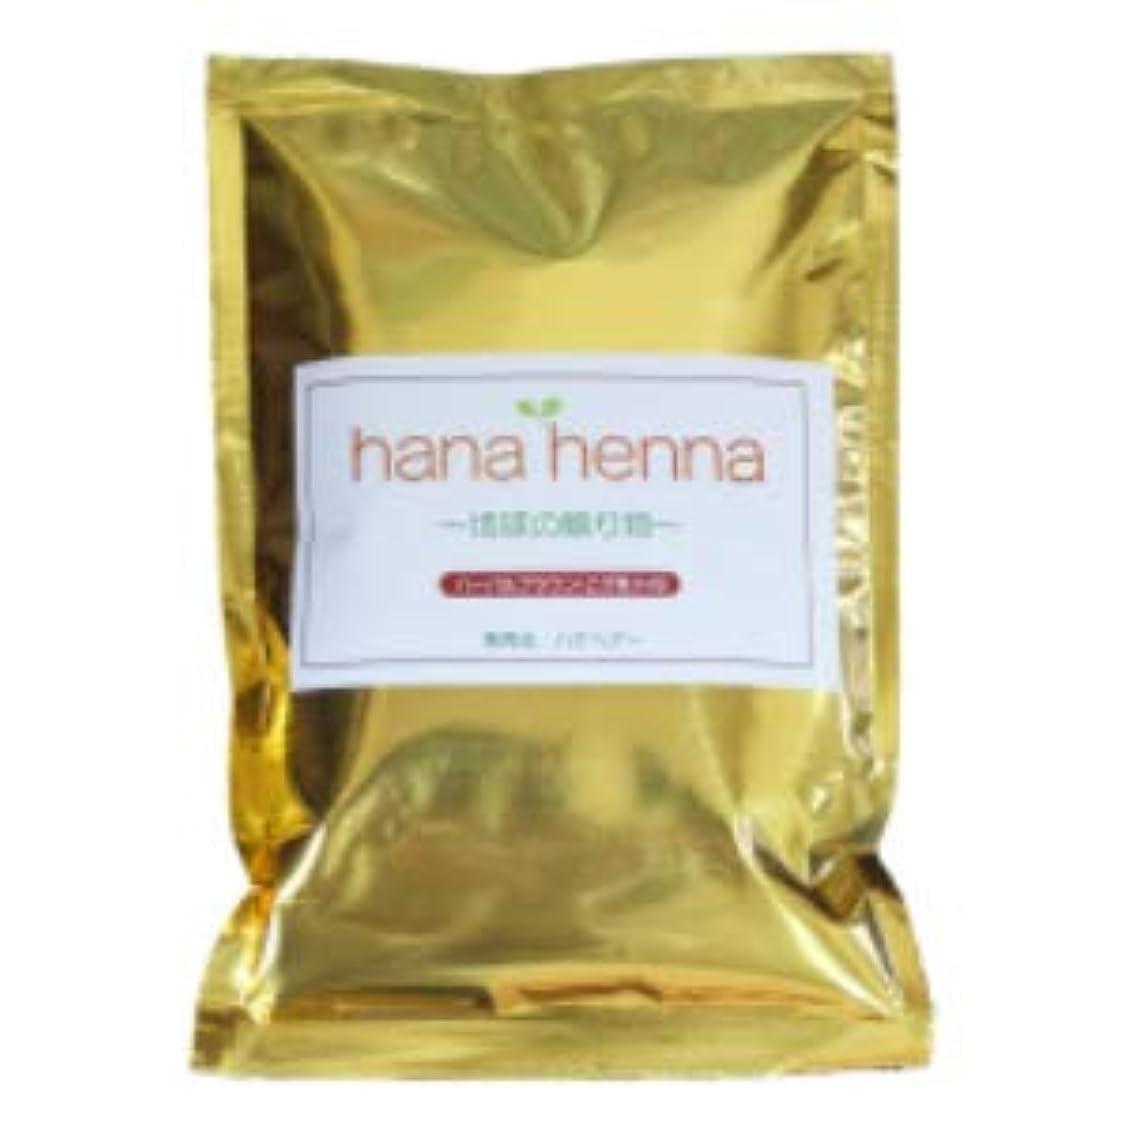 返済質量風が強い?hana henna?ハナヘナ ハーバルブラウン(こげ茶) (100g)